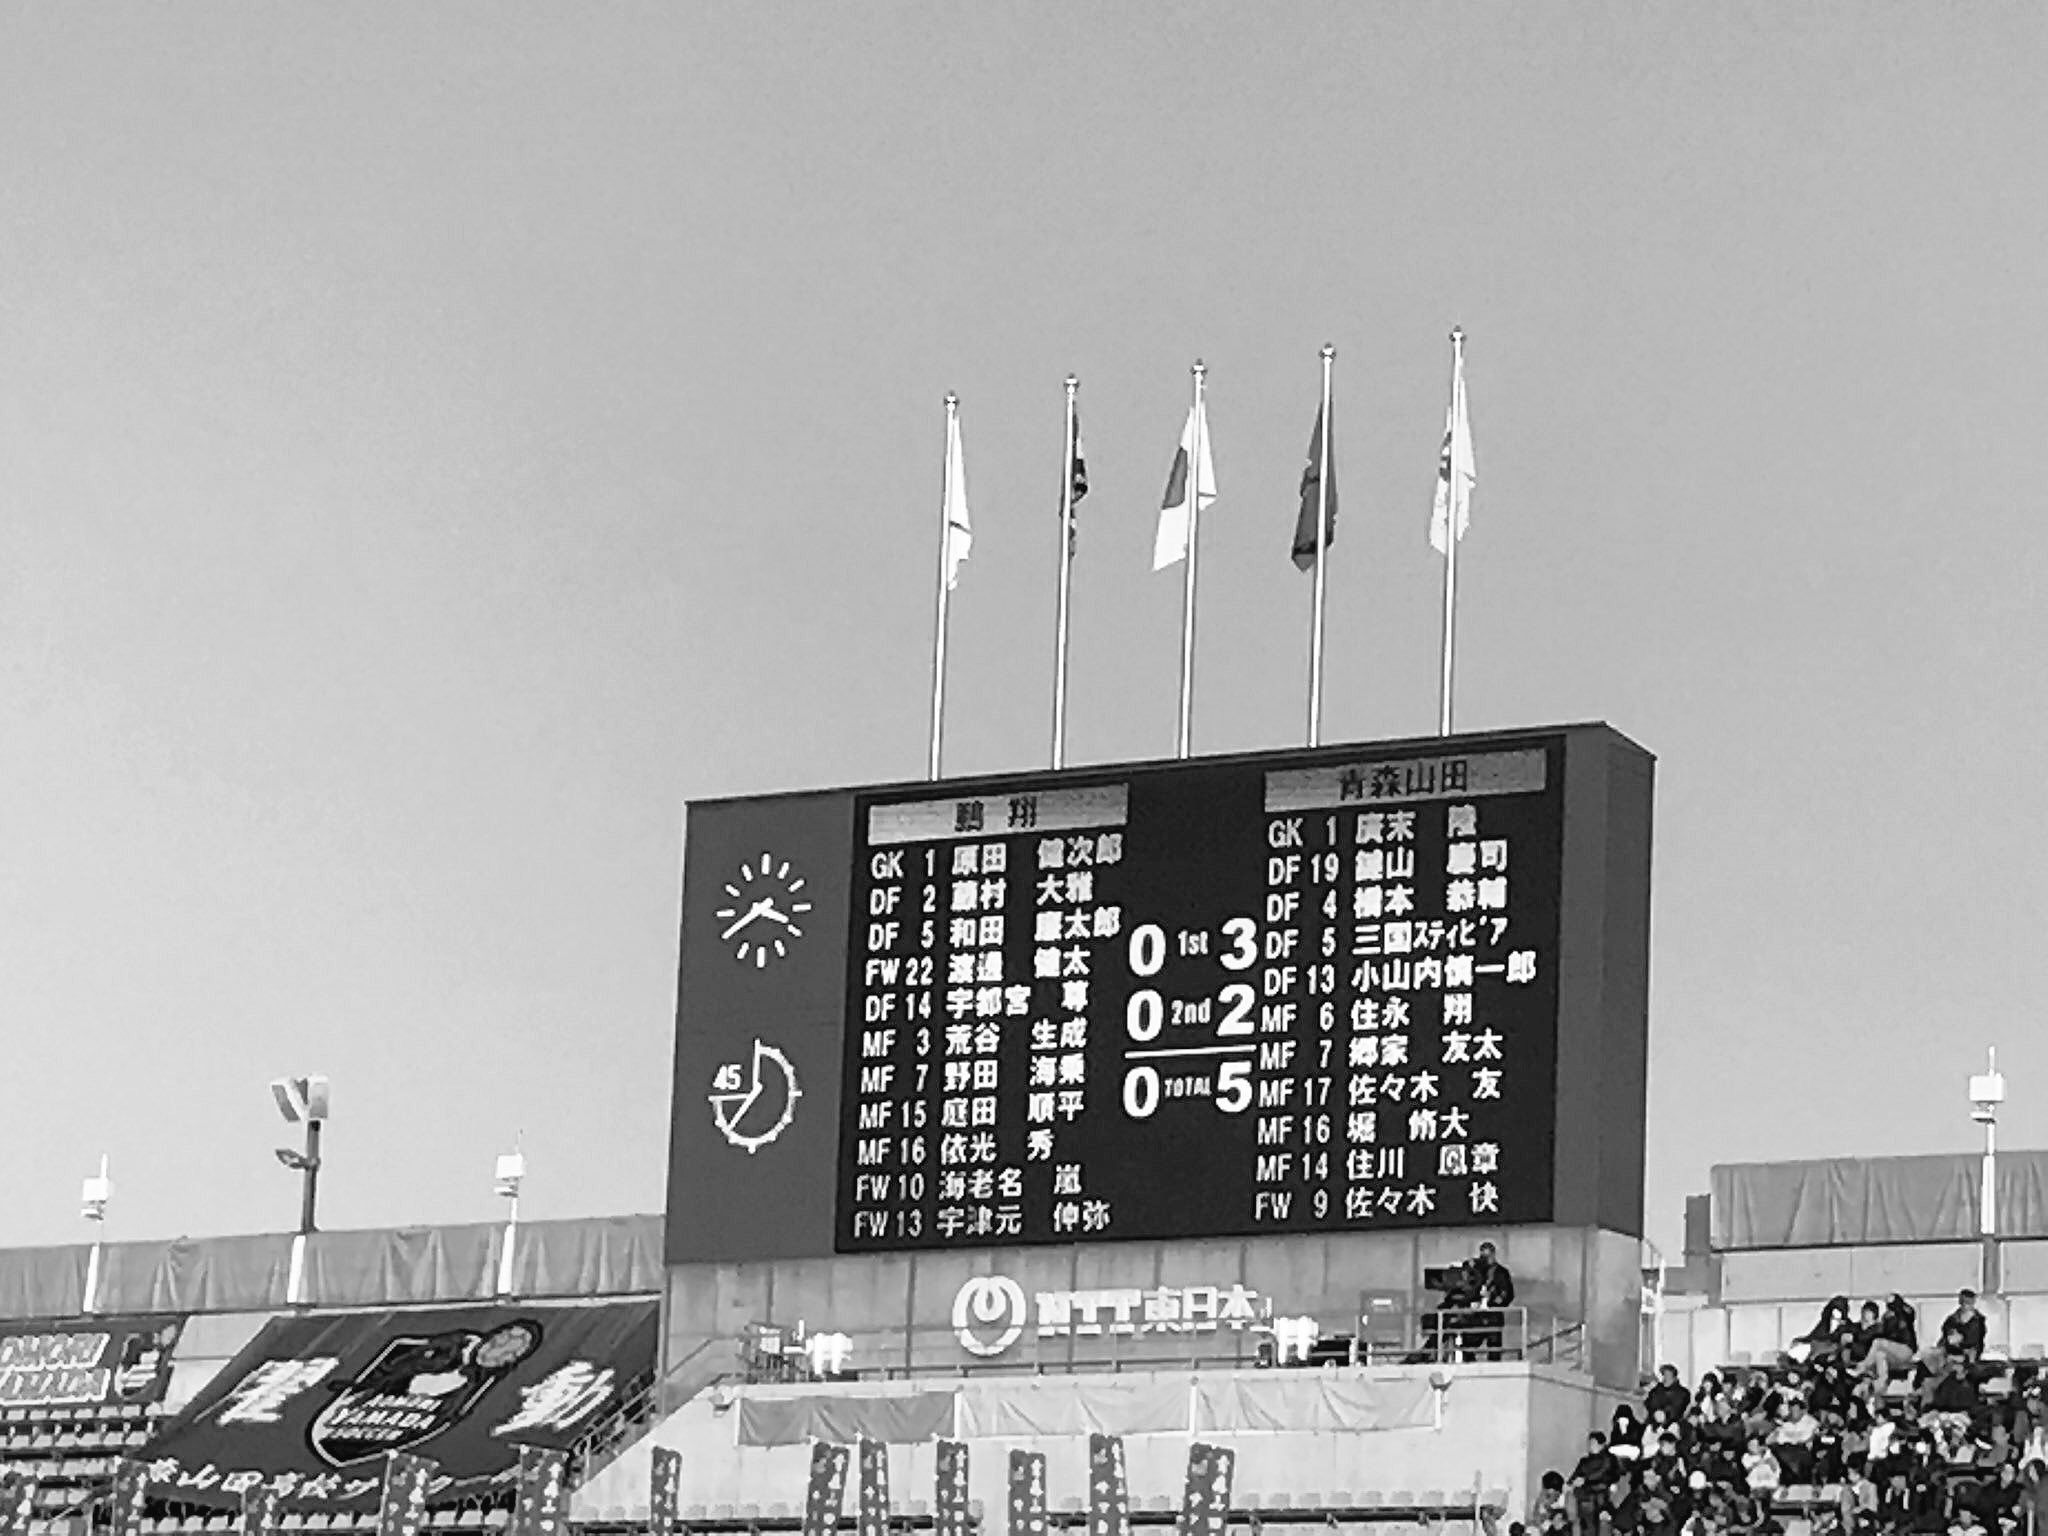 掲示板 大阪 サッカー